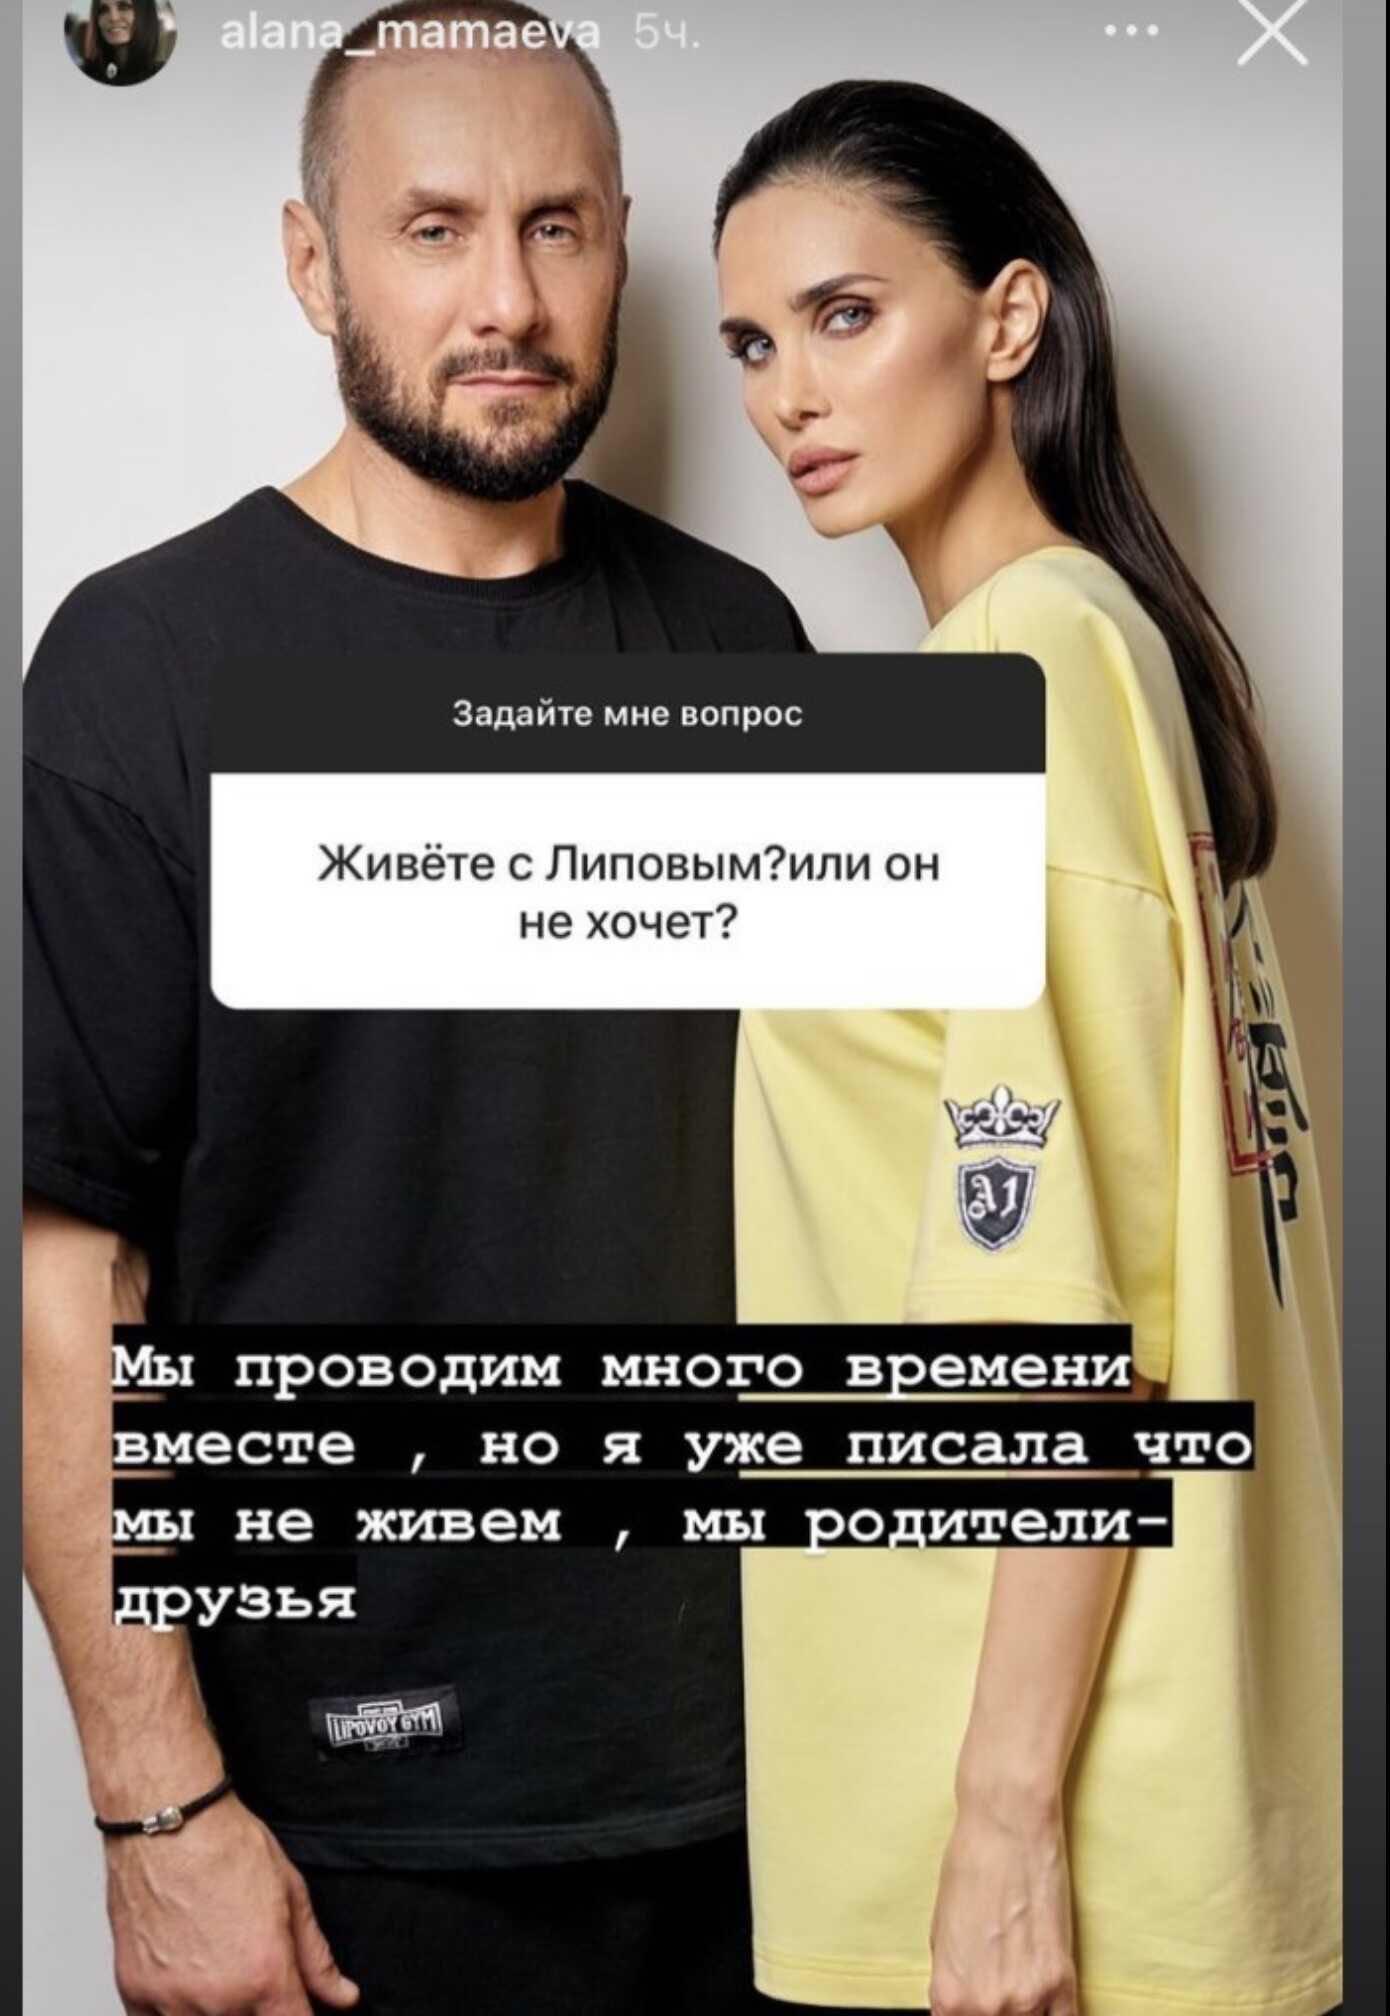 Алана Мамаева ответила на вопрос о романе с Александром Липовым